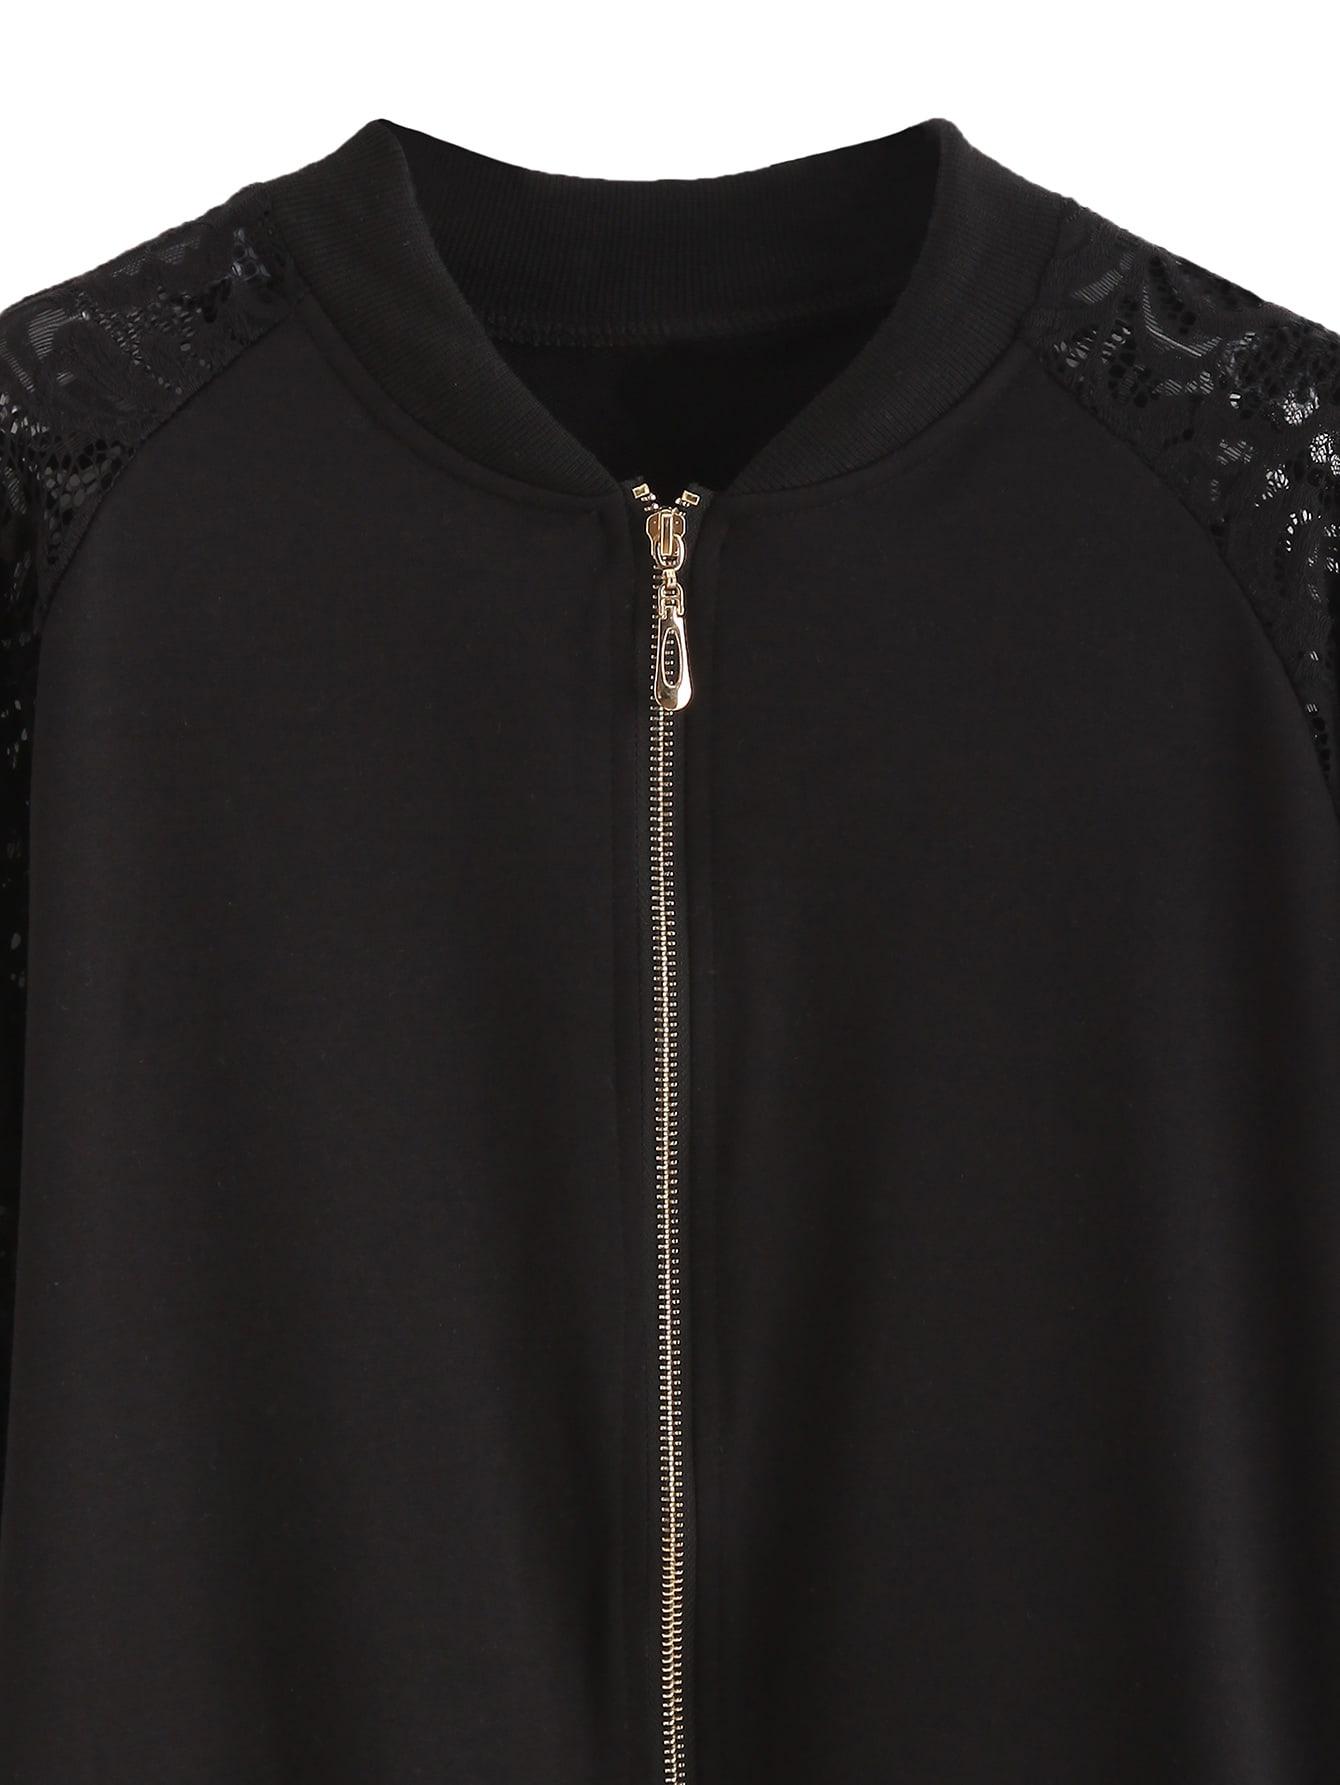 jacket160831102_2